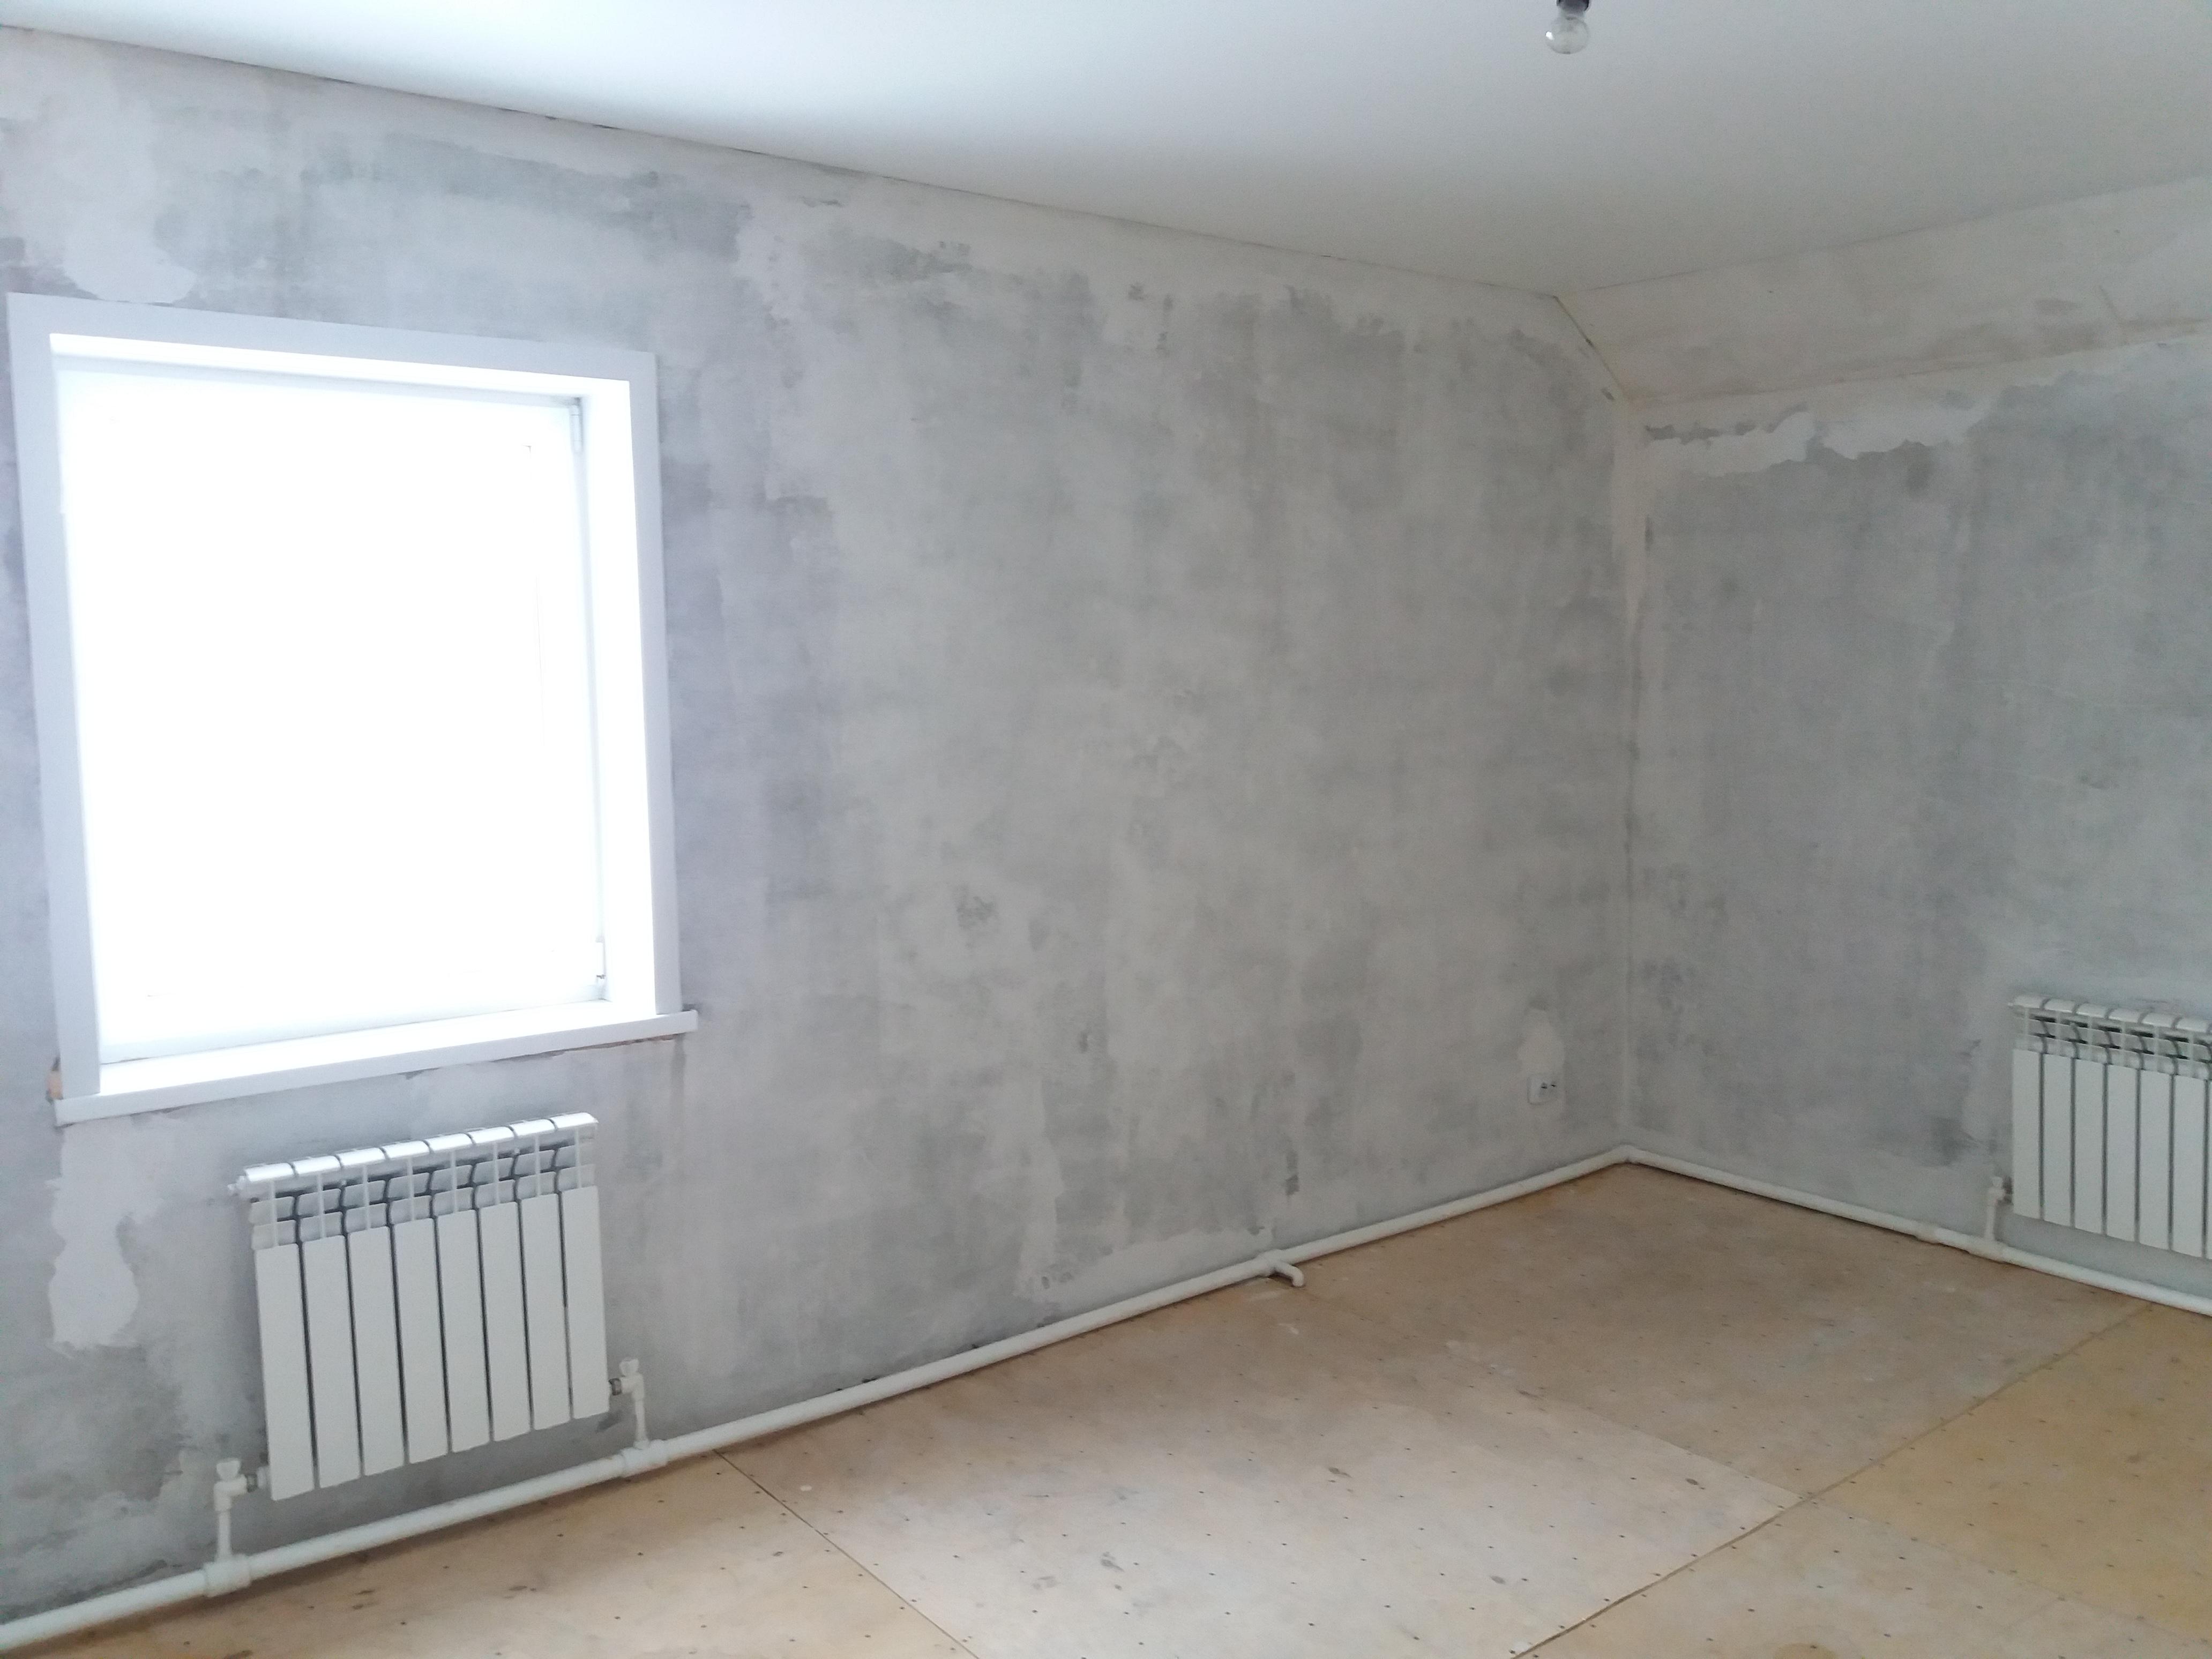 продам отдельно стоящий дом в п. лесном. площадью 174 кв. м. под чистовую отделку, дом...